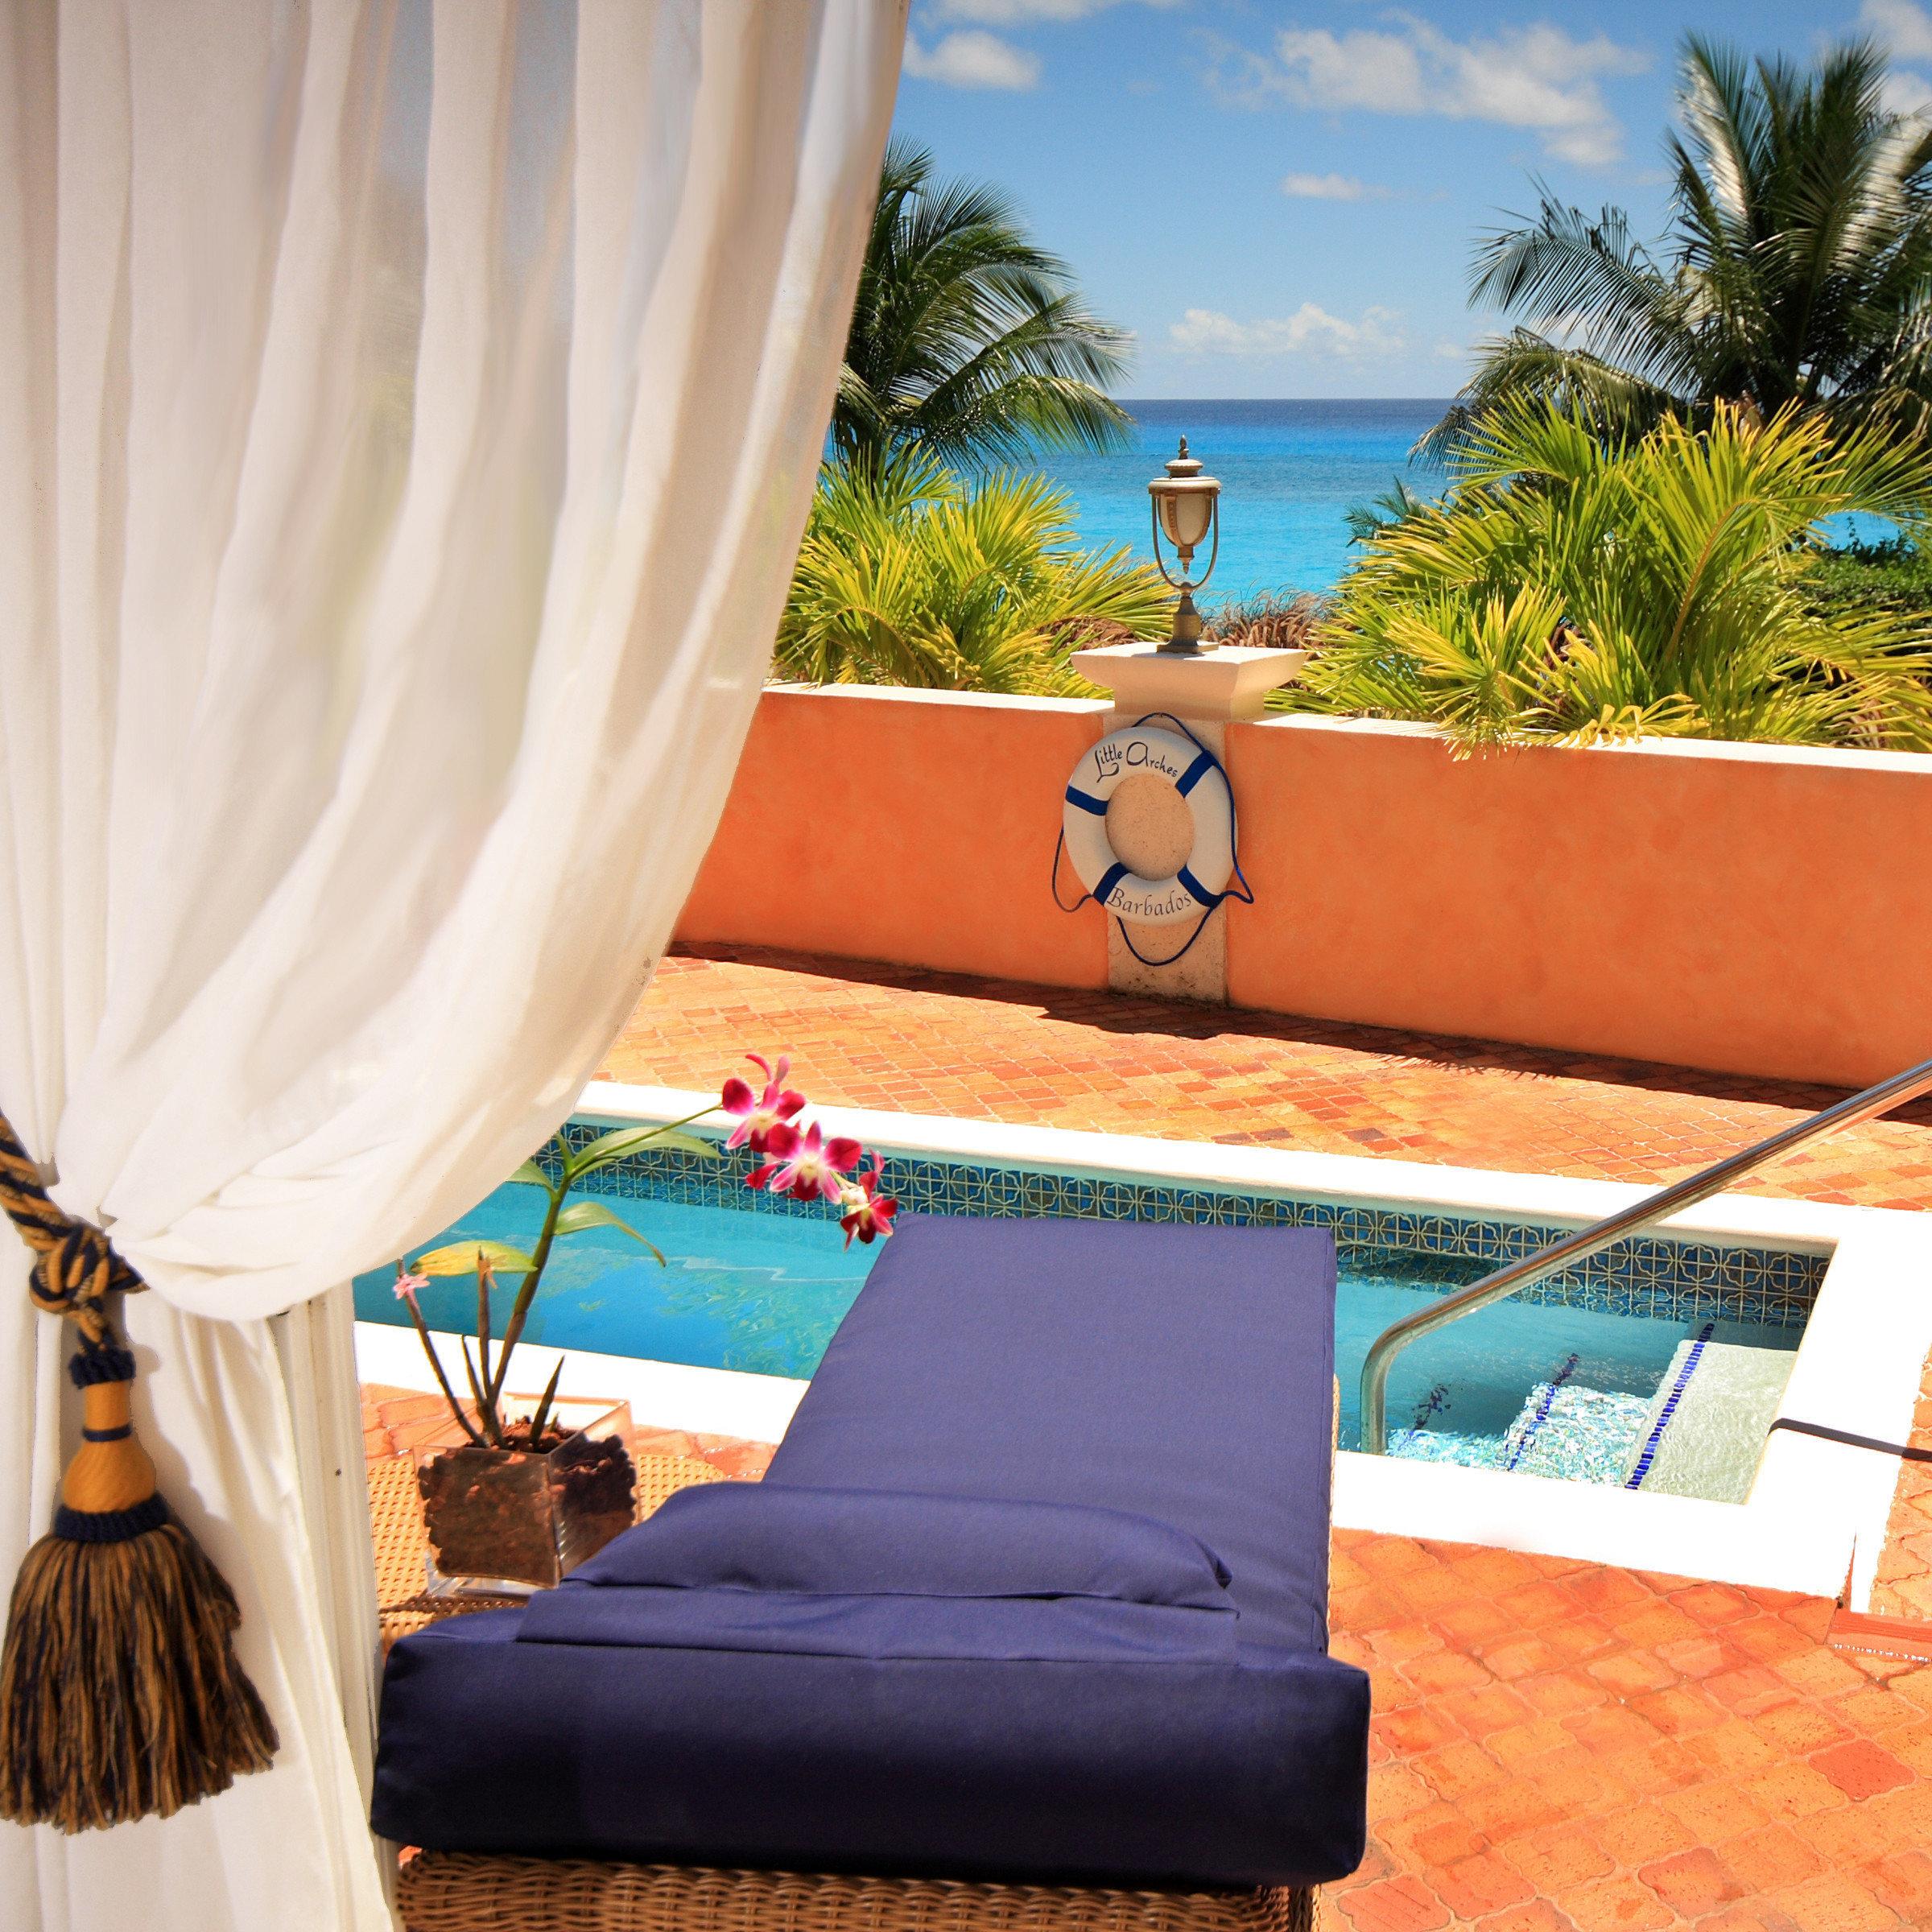 leisure swimming pool Villa backyard